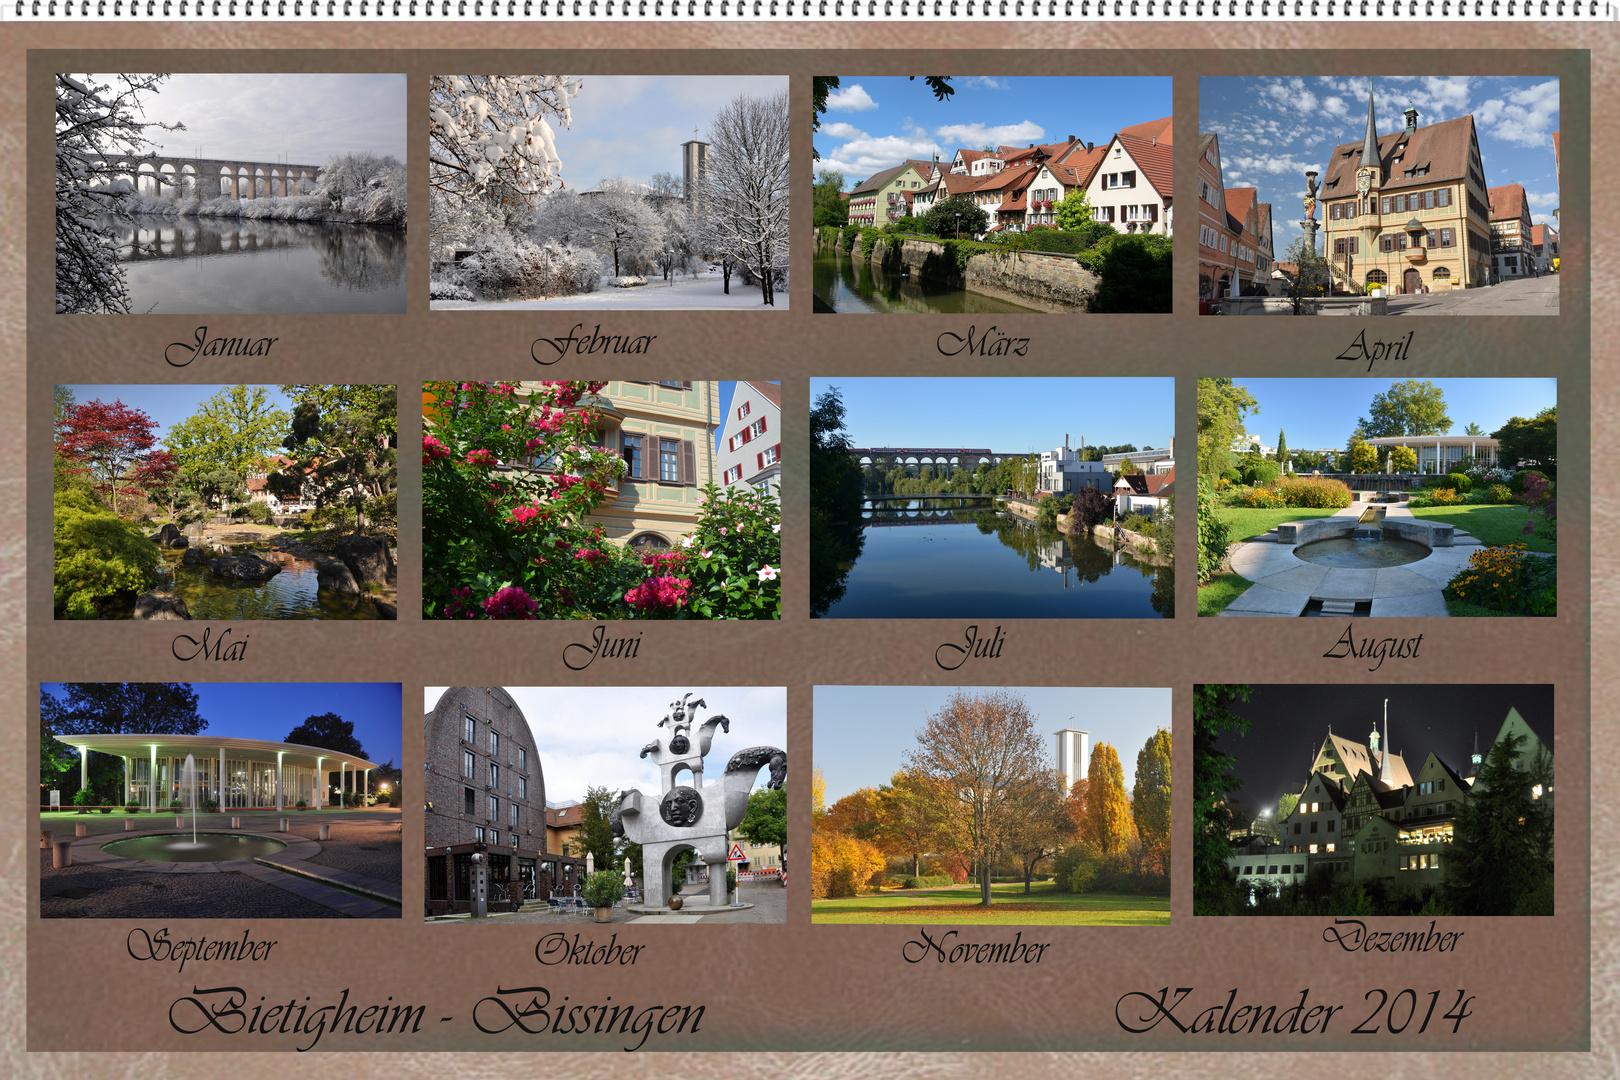 Bietigheim - Bissingen Kalender 2014